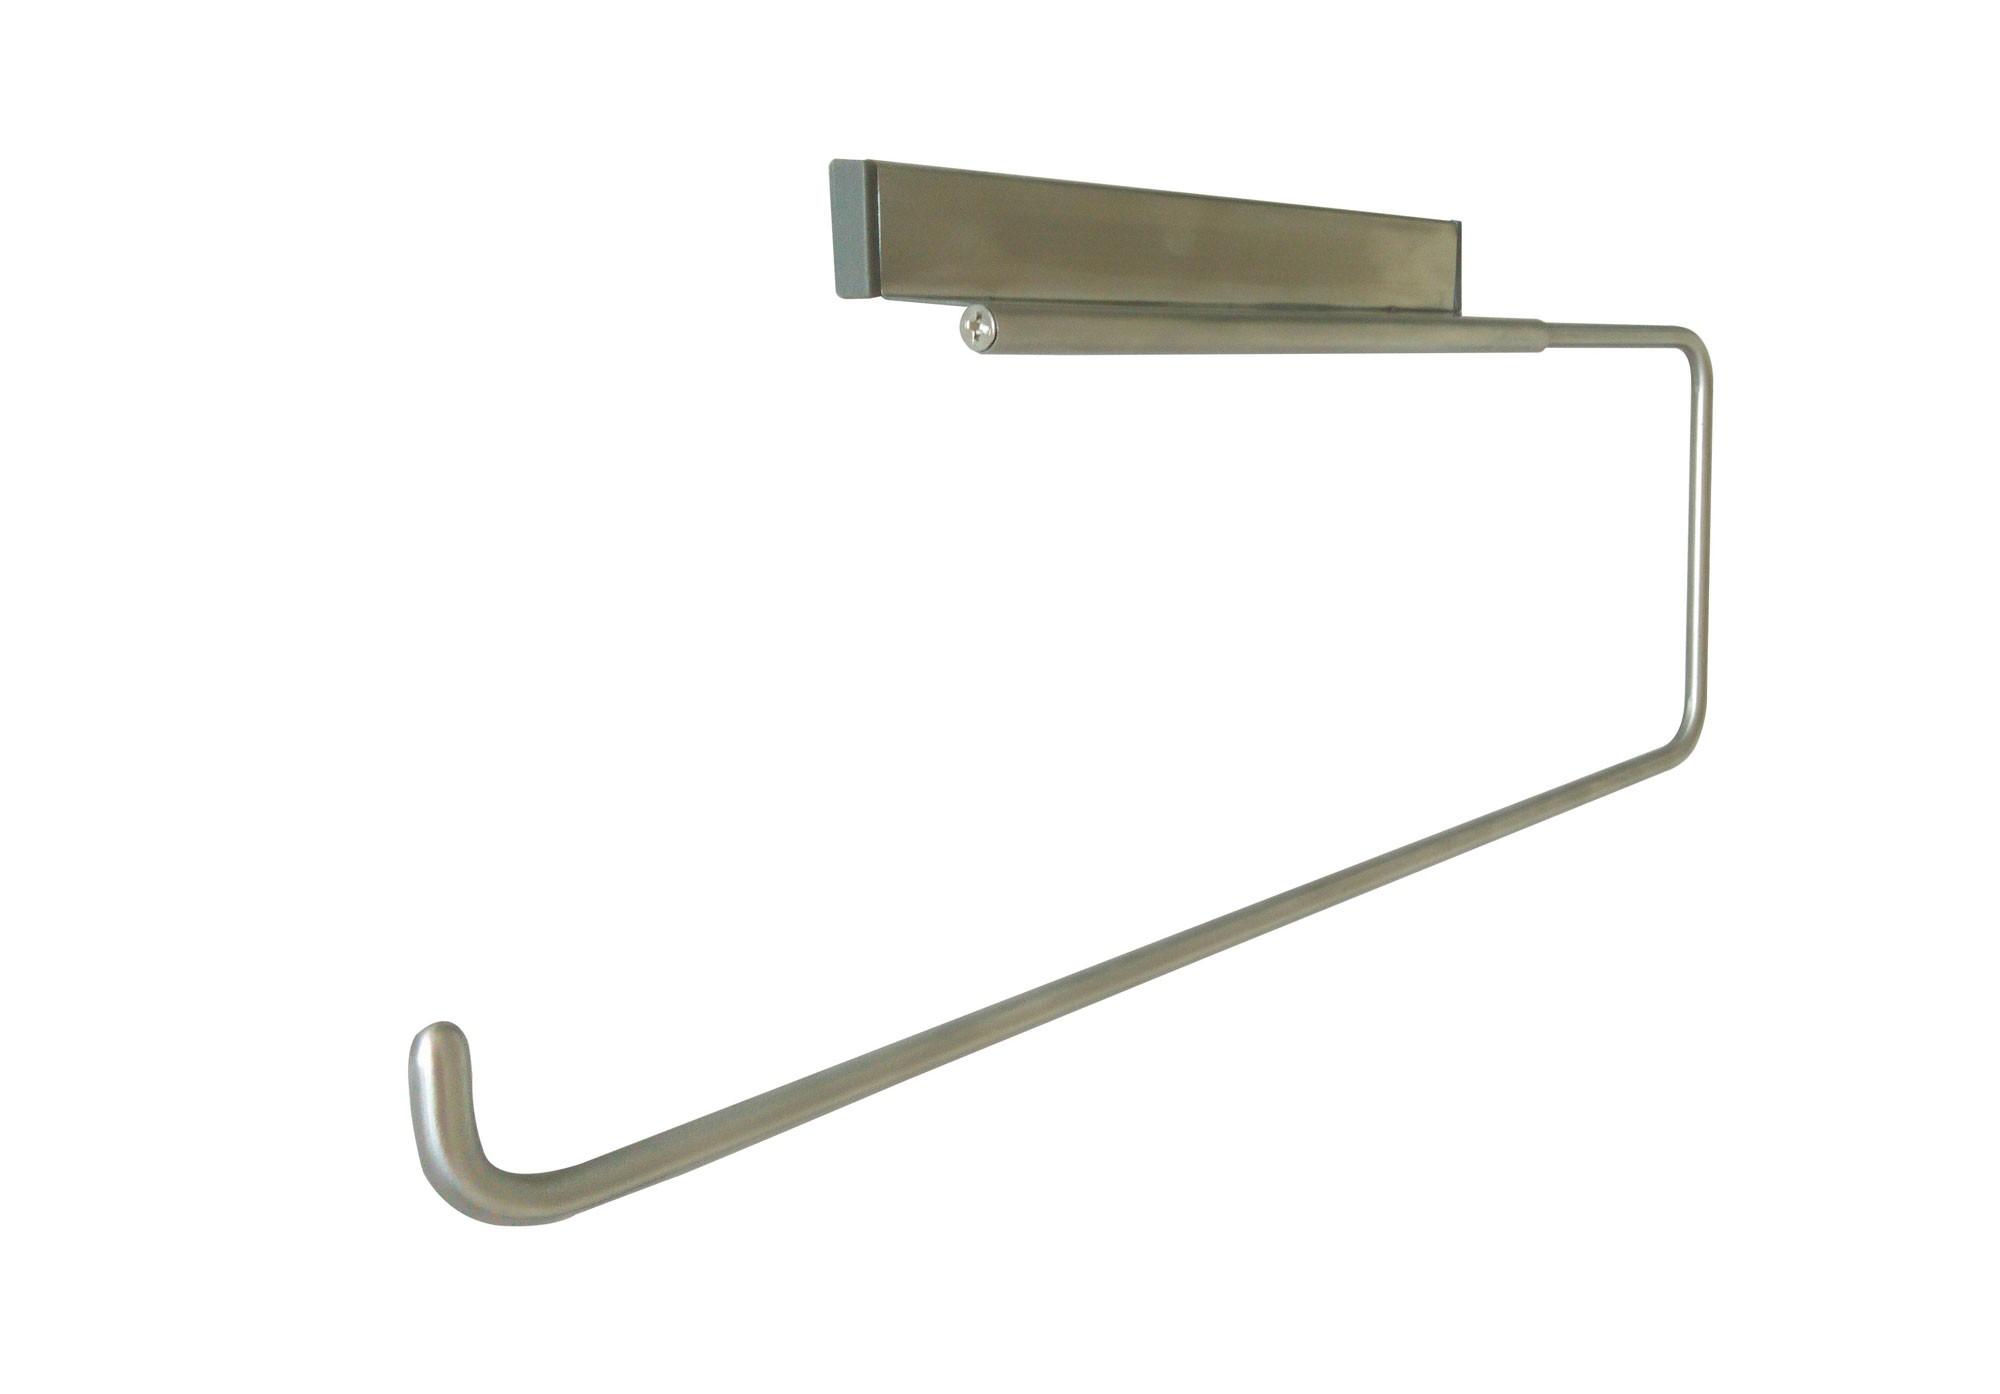 Küchenrollenhalter Universal Tepro Edelstahl magnetisch Breite 31,5cm Bild 1